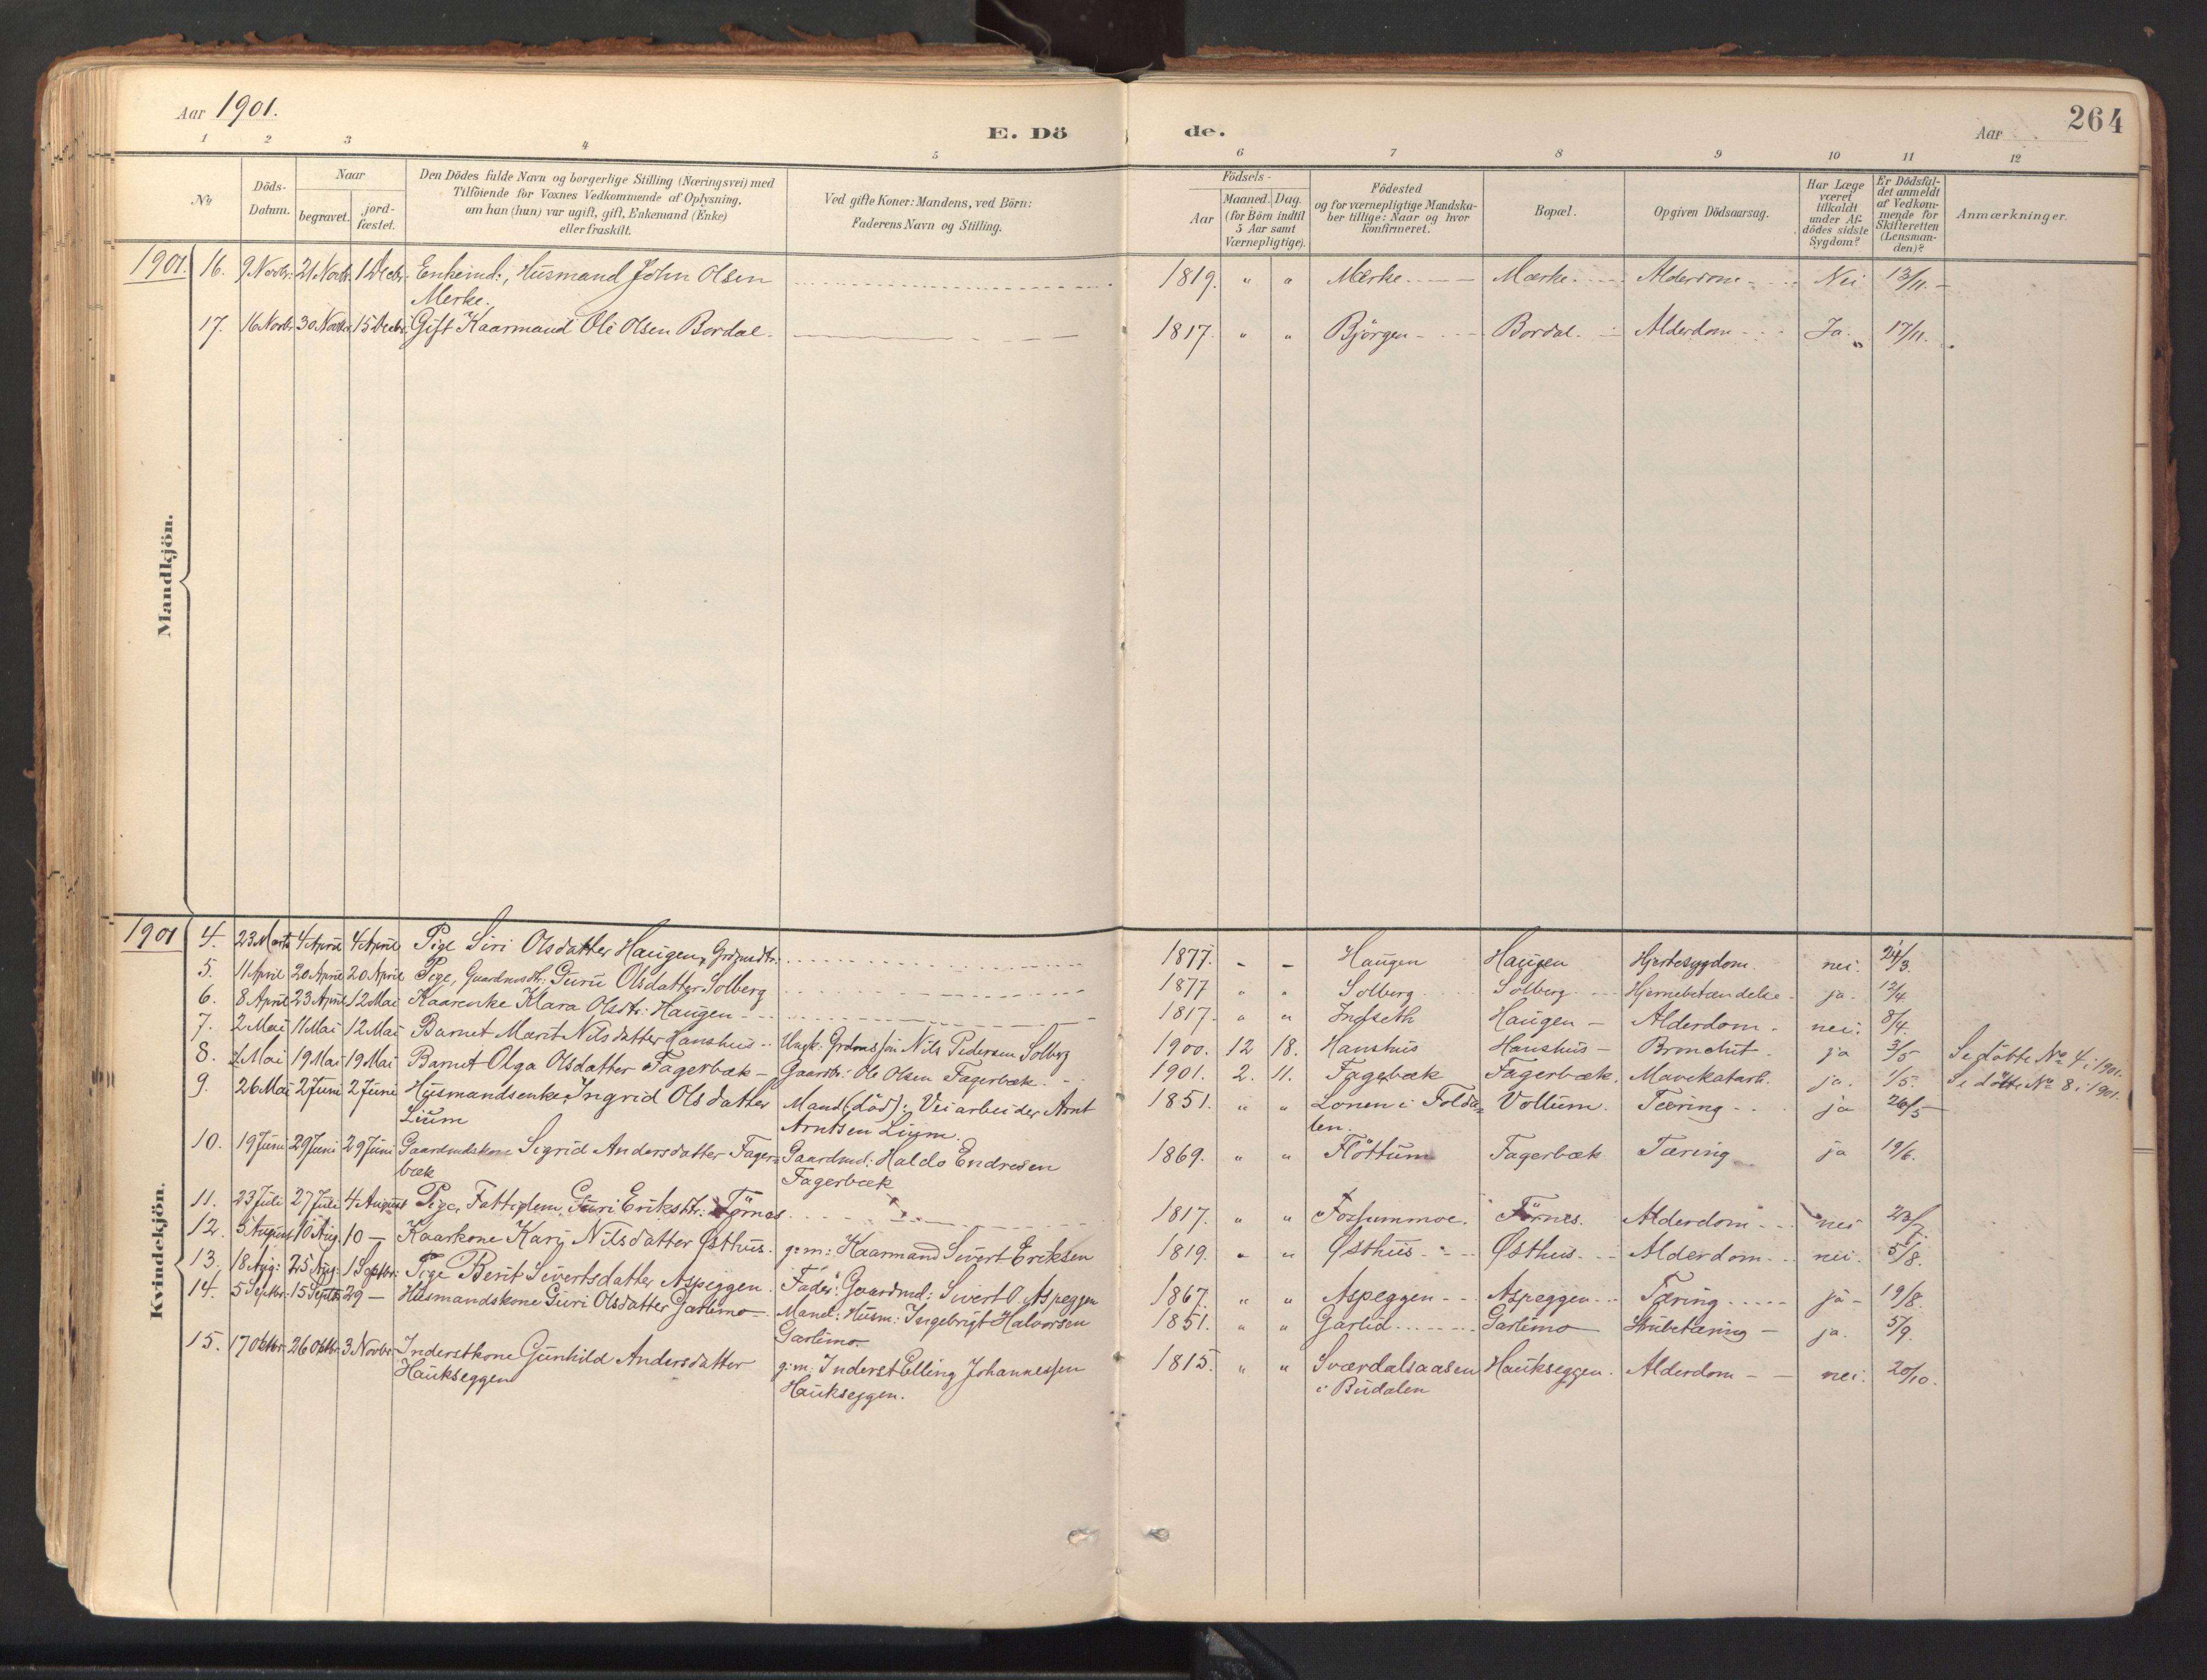 SAT, Ministerialprotokoller, klokkerbøker og fødselsregistre - Sør-Trøndelag, 689/L1041: Ministerialbok nr. 689A06, 1891-1923, s. 264